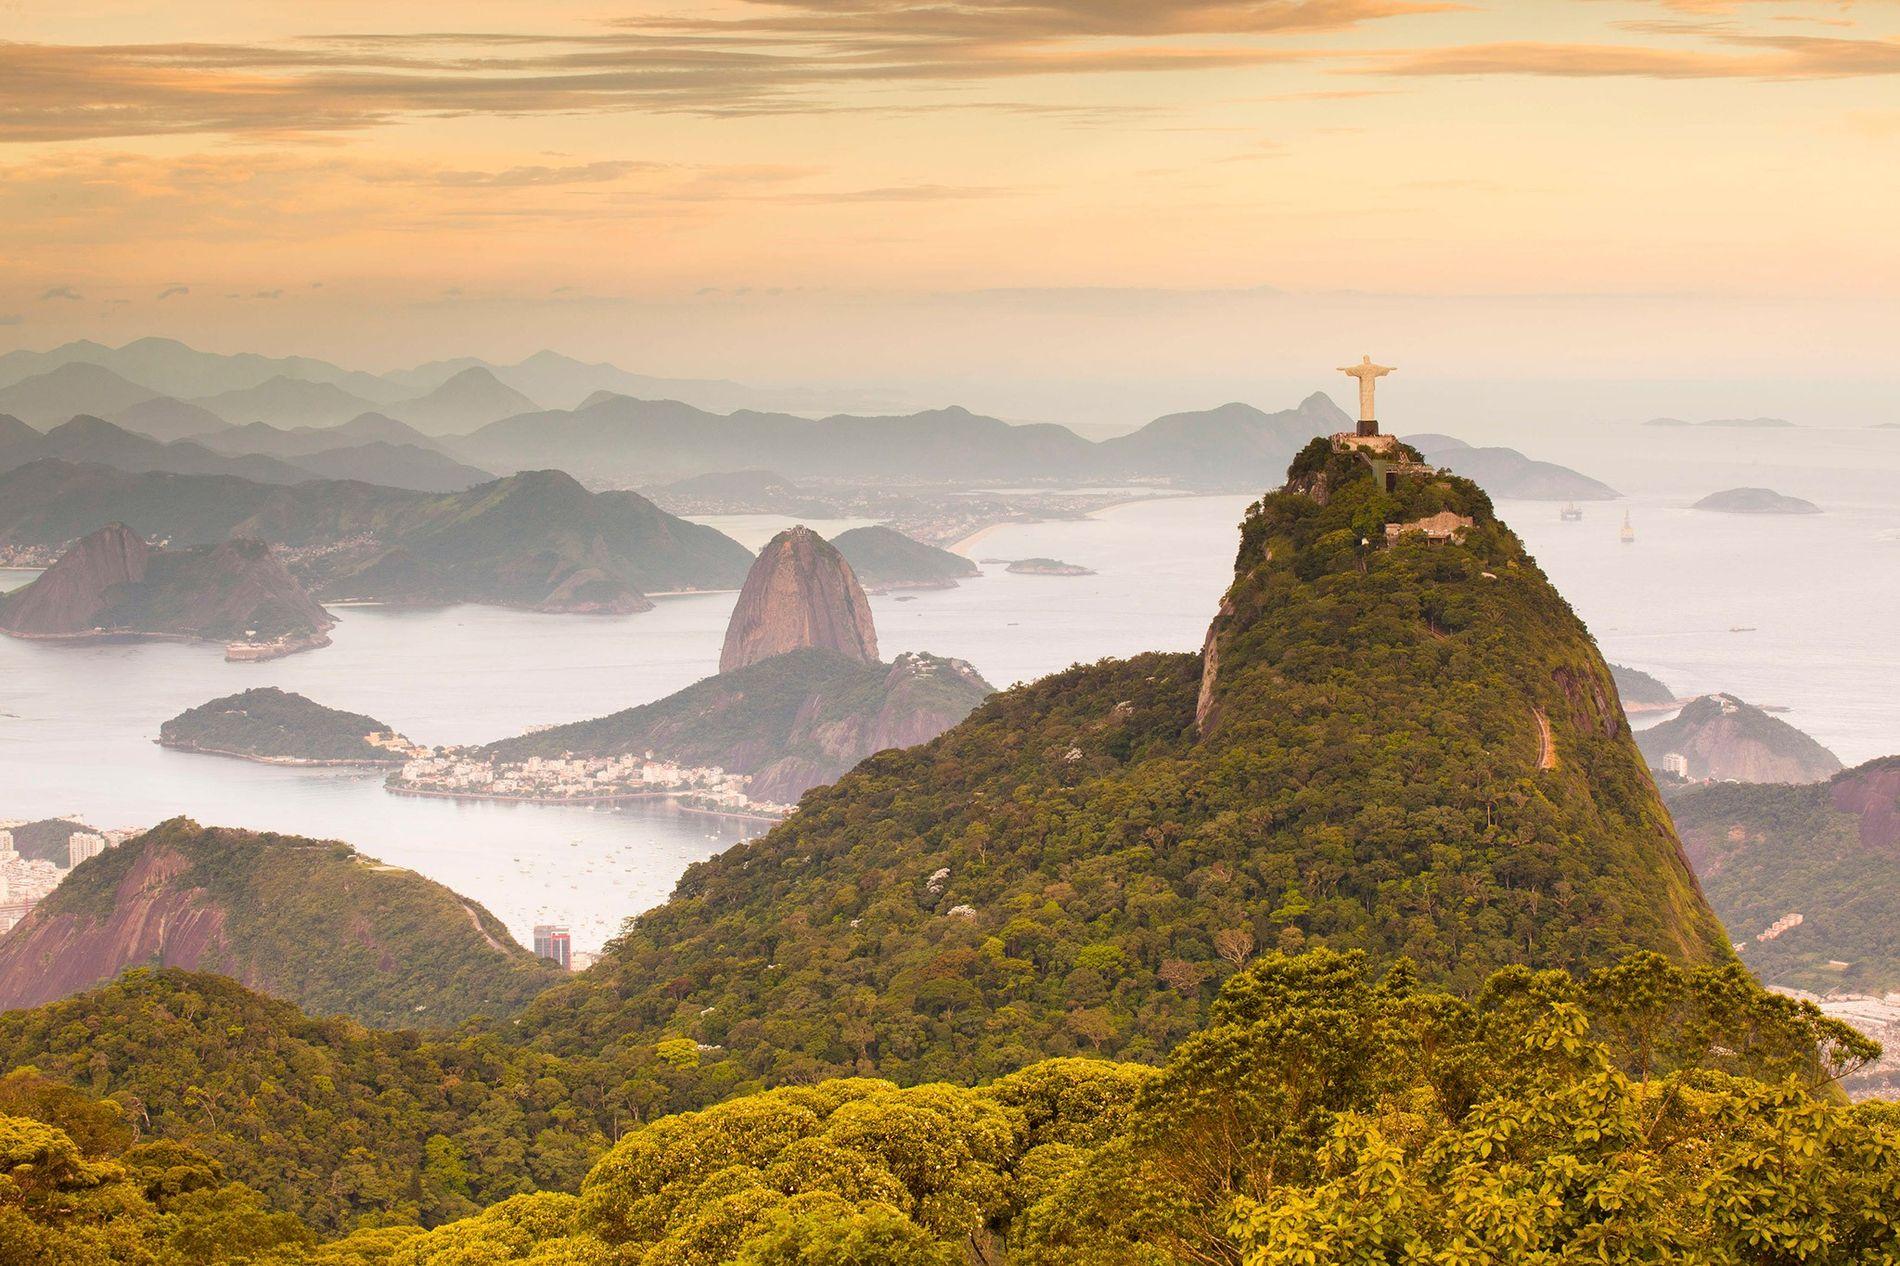 Que tal se aventurar pelas paisagens maravilhosas do Rio de Janeiro?